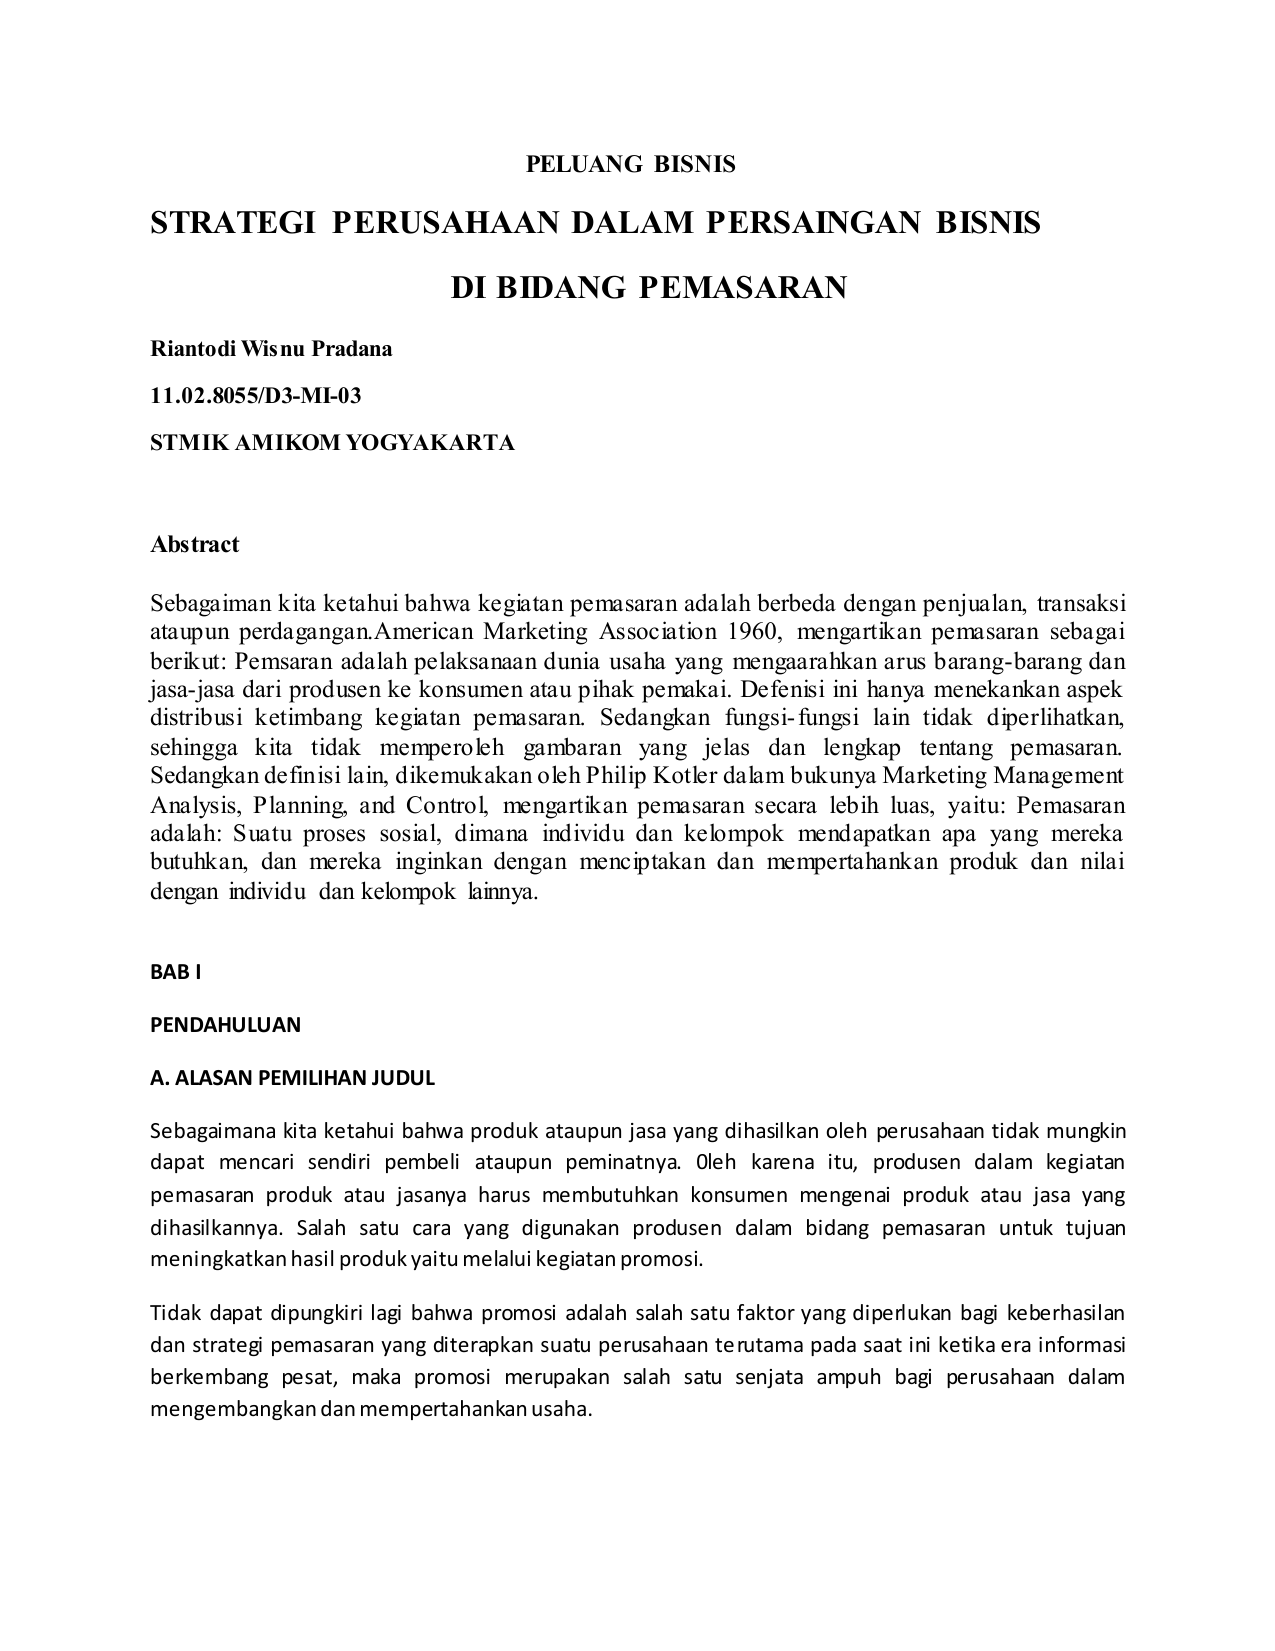 Analisis kinerja dan perumusan strategi untuk perusahaan dagang Surya Abadi